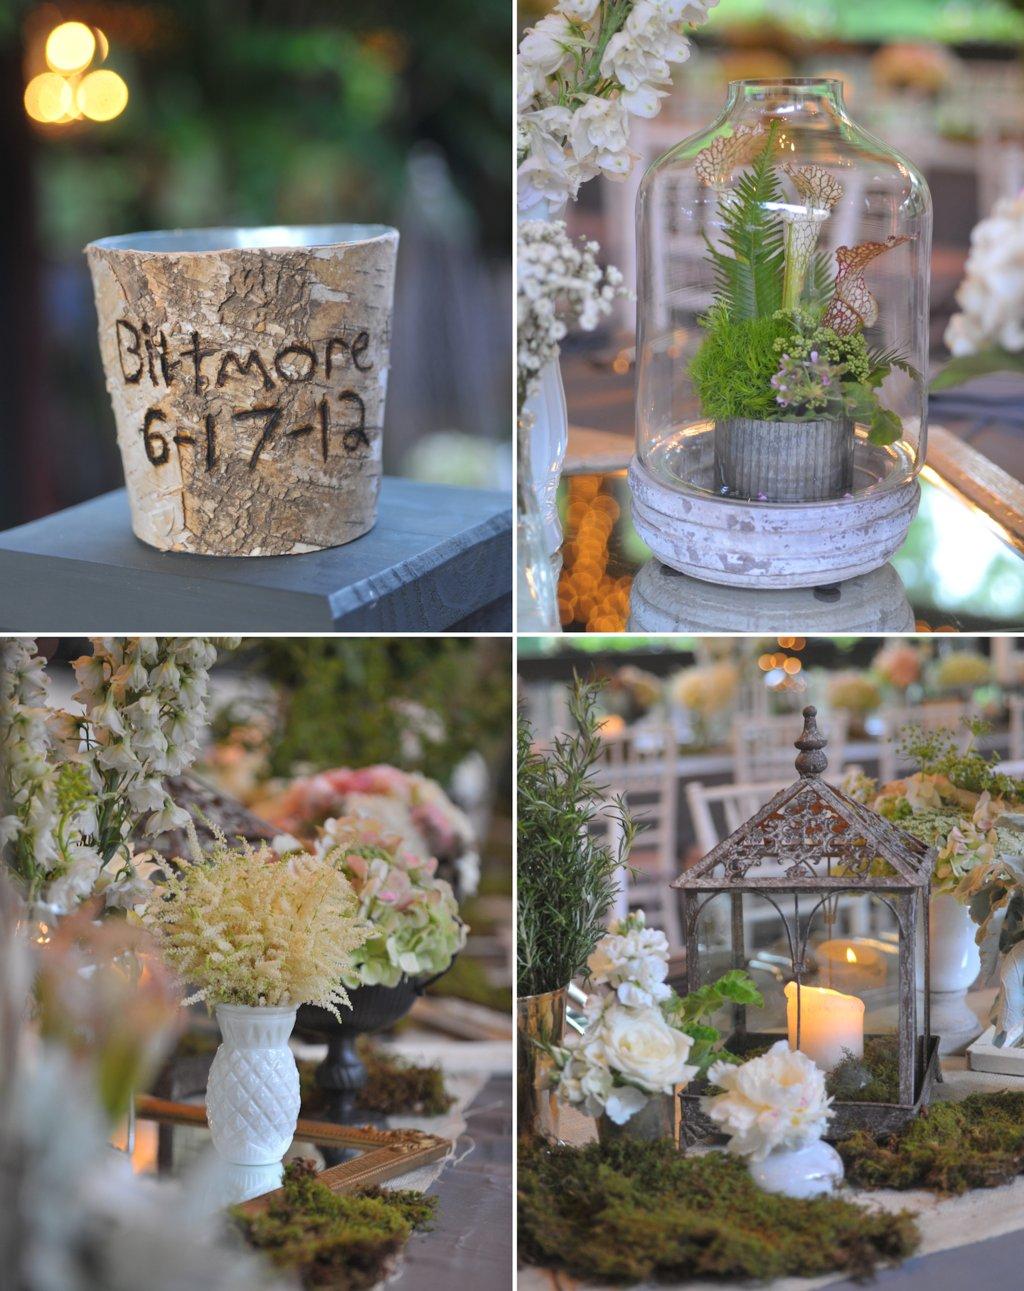 Elegant-wedding-in-north-carolina-classic-wedding-party-romantic-setting-34.full